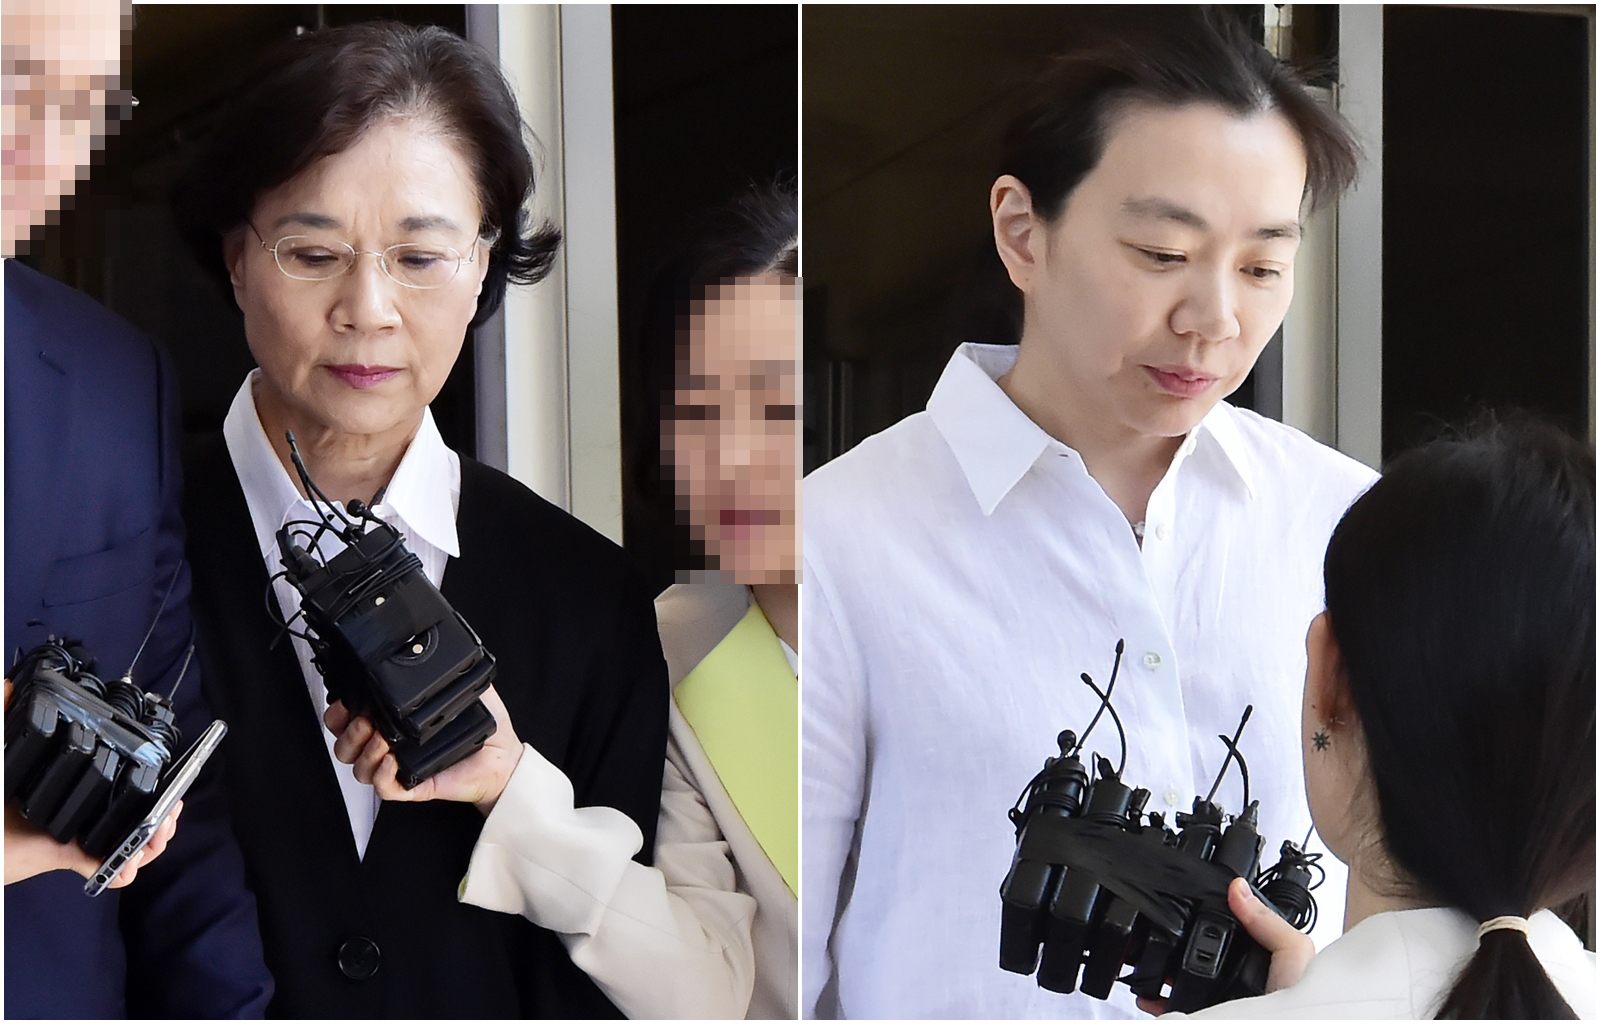 관세법 위반' 이명희·조현아 모녀, 집행유예로 구속 면해